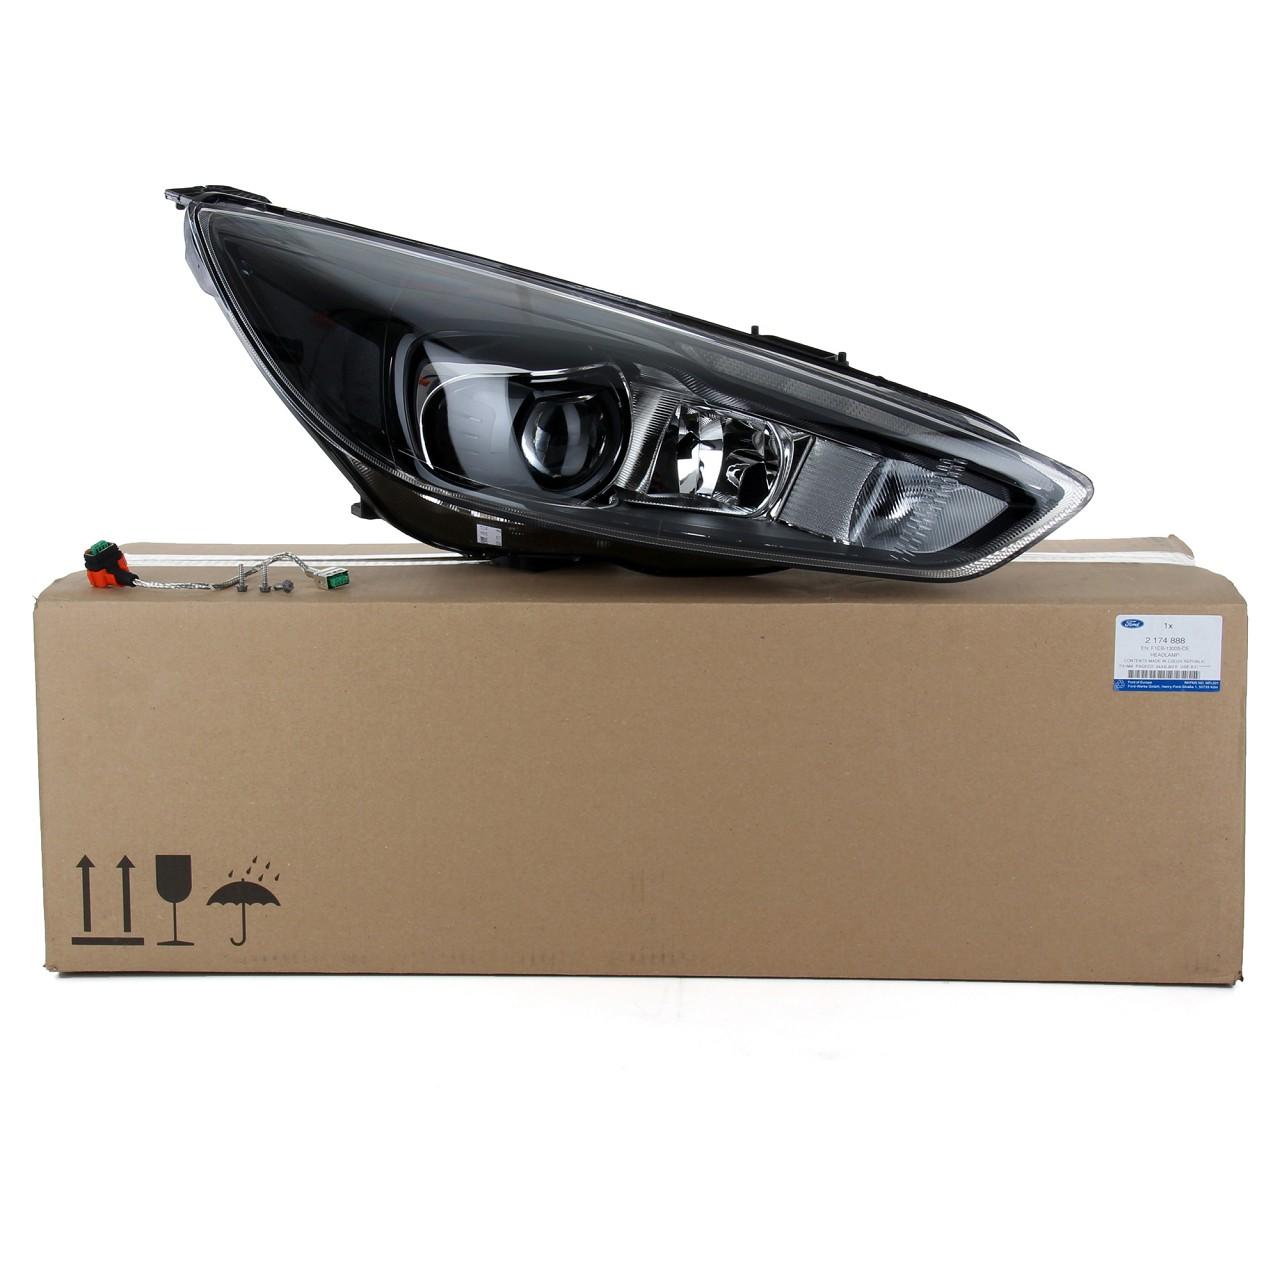 ORIGINAL Ford Scheinwerfer XENON für FOCUS III MK3 ab 10.2014 rechts 2210484